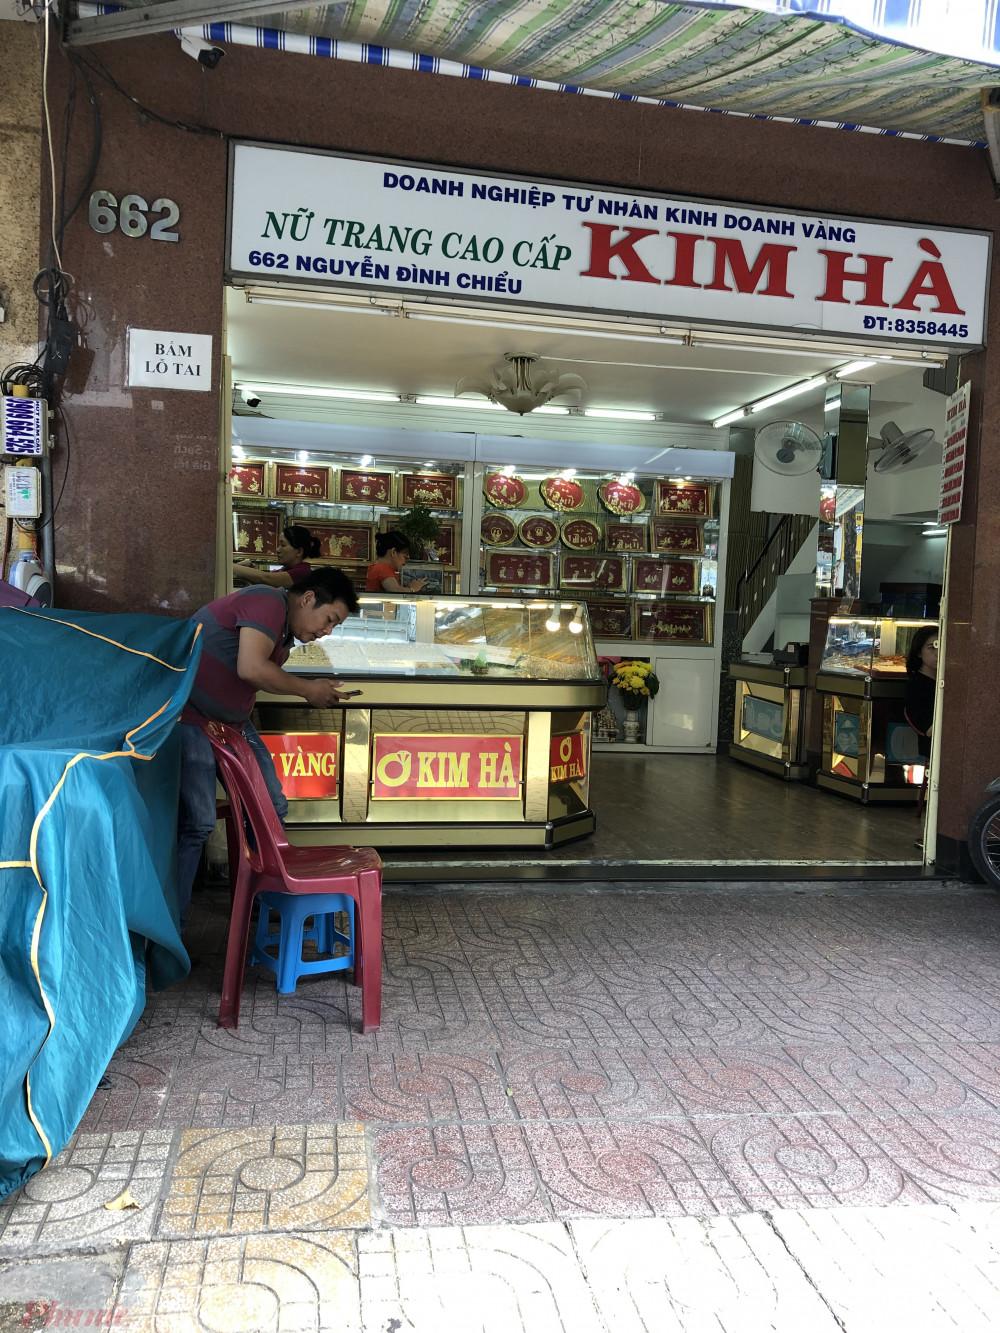 Các tiệm tại khu vực chợ Bàn Cờ (quận 3, TPHCM) cũng trong cảnh vắng khách tương tự